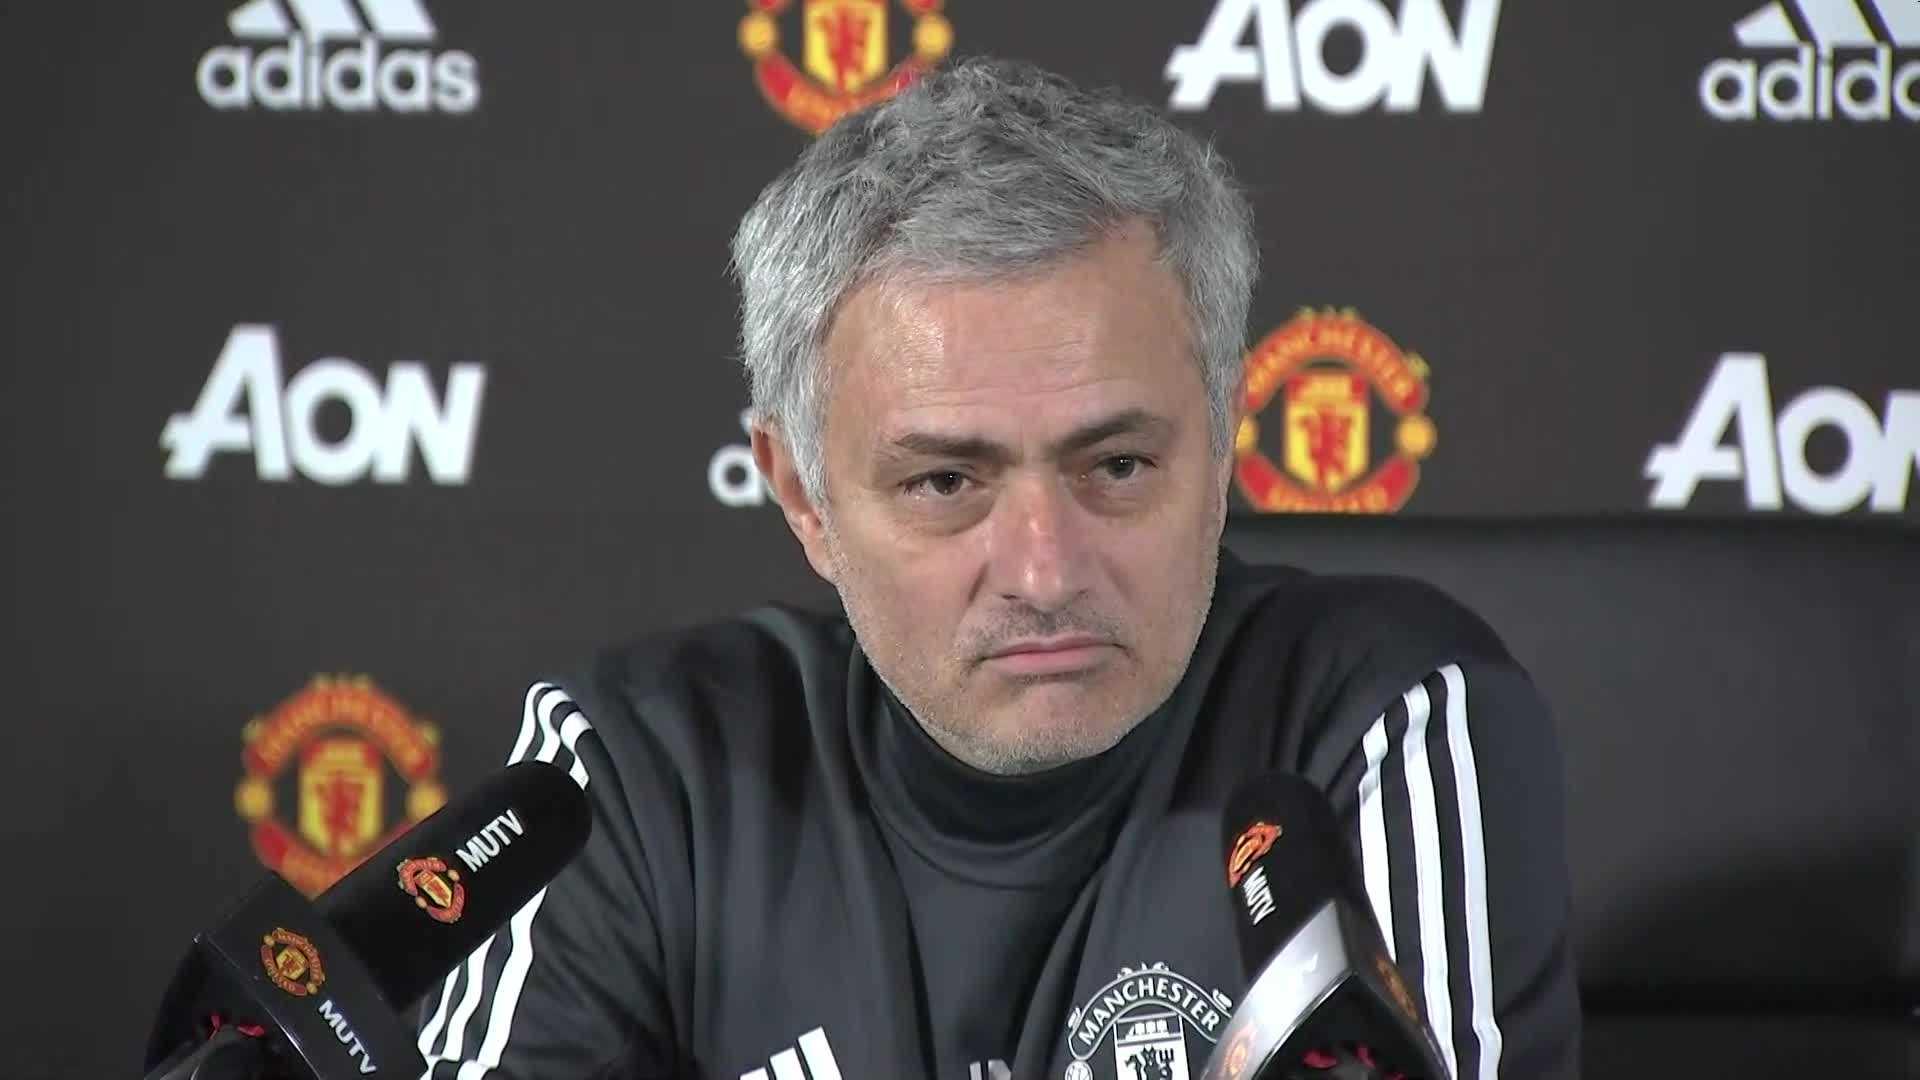 Mourinho trả lời cực chất trước phóng viên báo chí